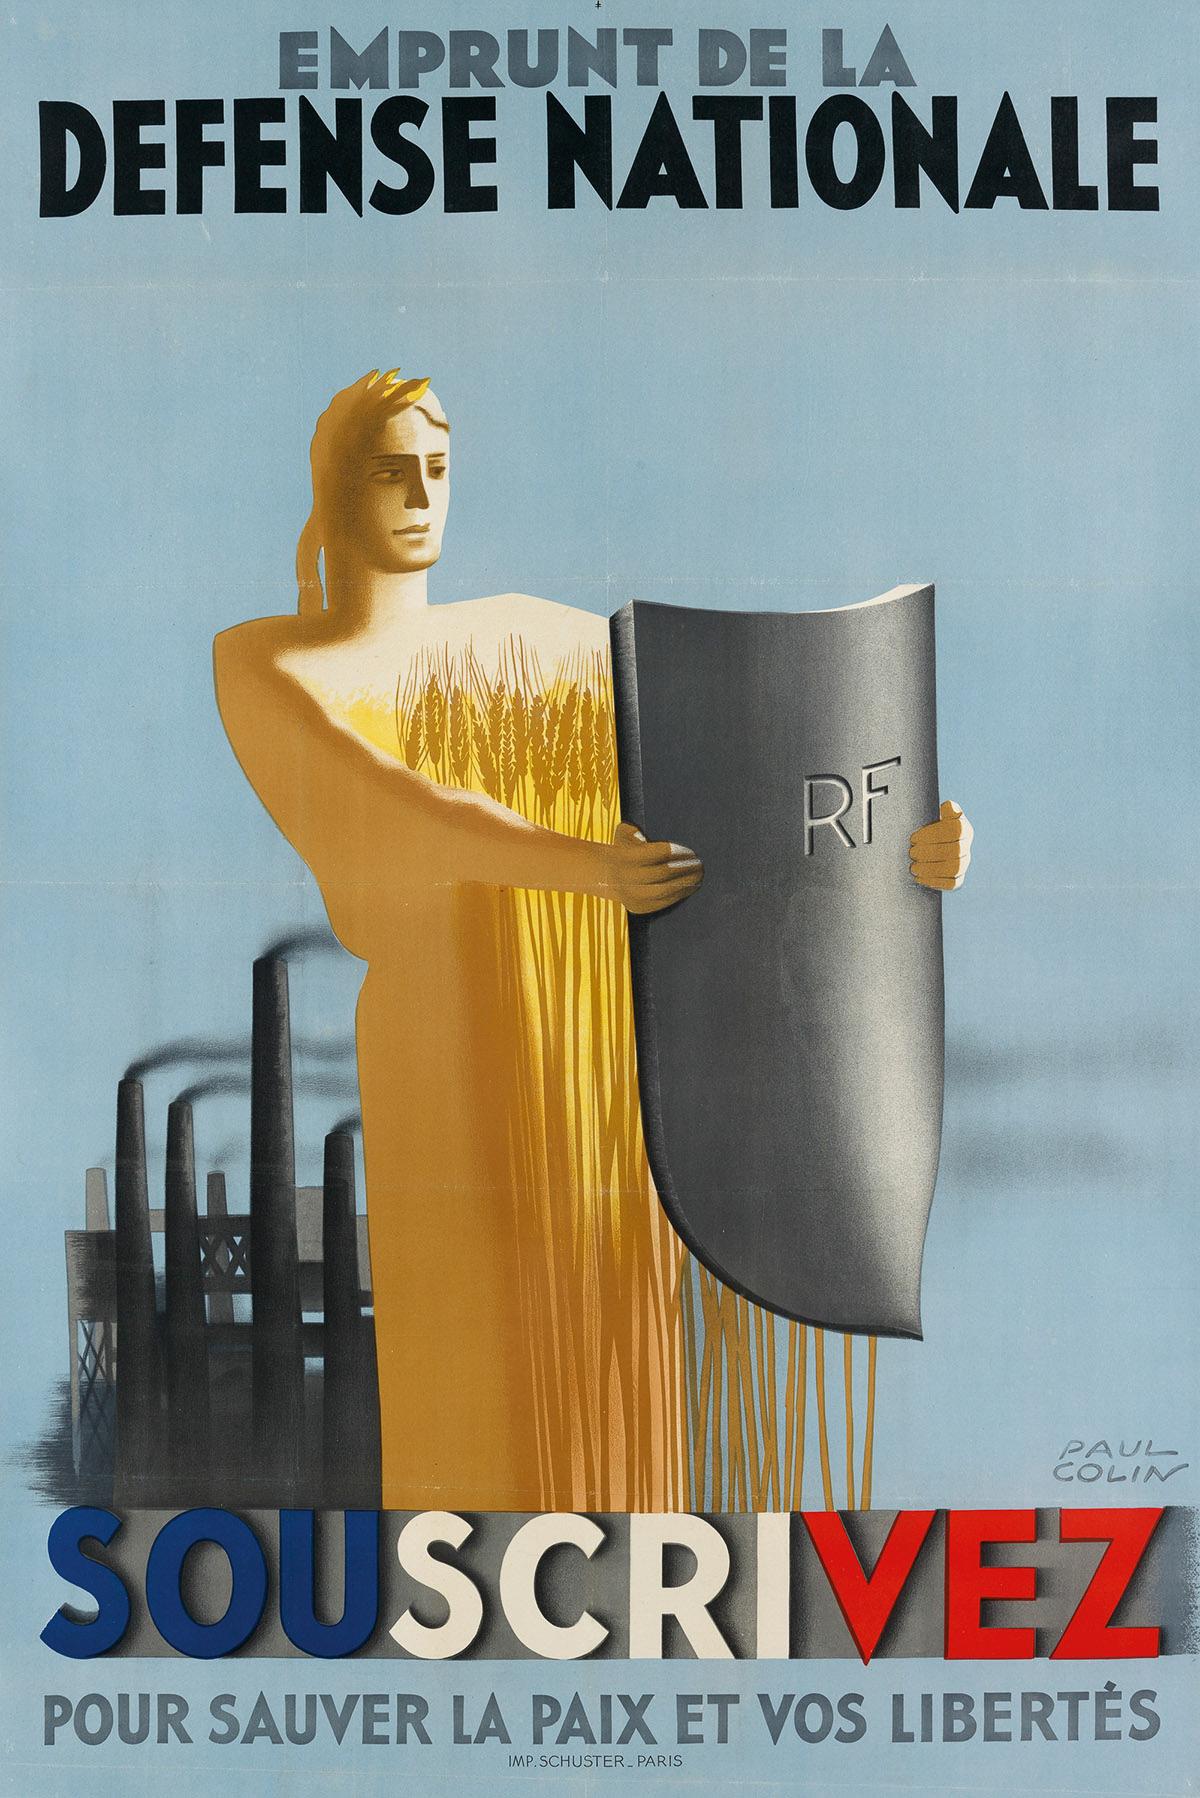 PAUL-COLIN-(1892-1986)-EMPRUNT-DE-LA-DEFENSE-NATIONALE--SOUSCRIVEZ-Circa-1938-46x30-inches-116x77-cm-Schuster-Paris